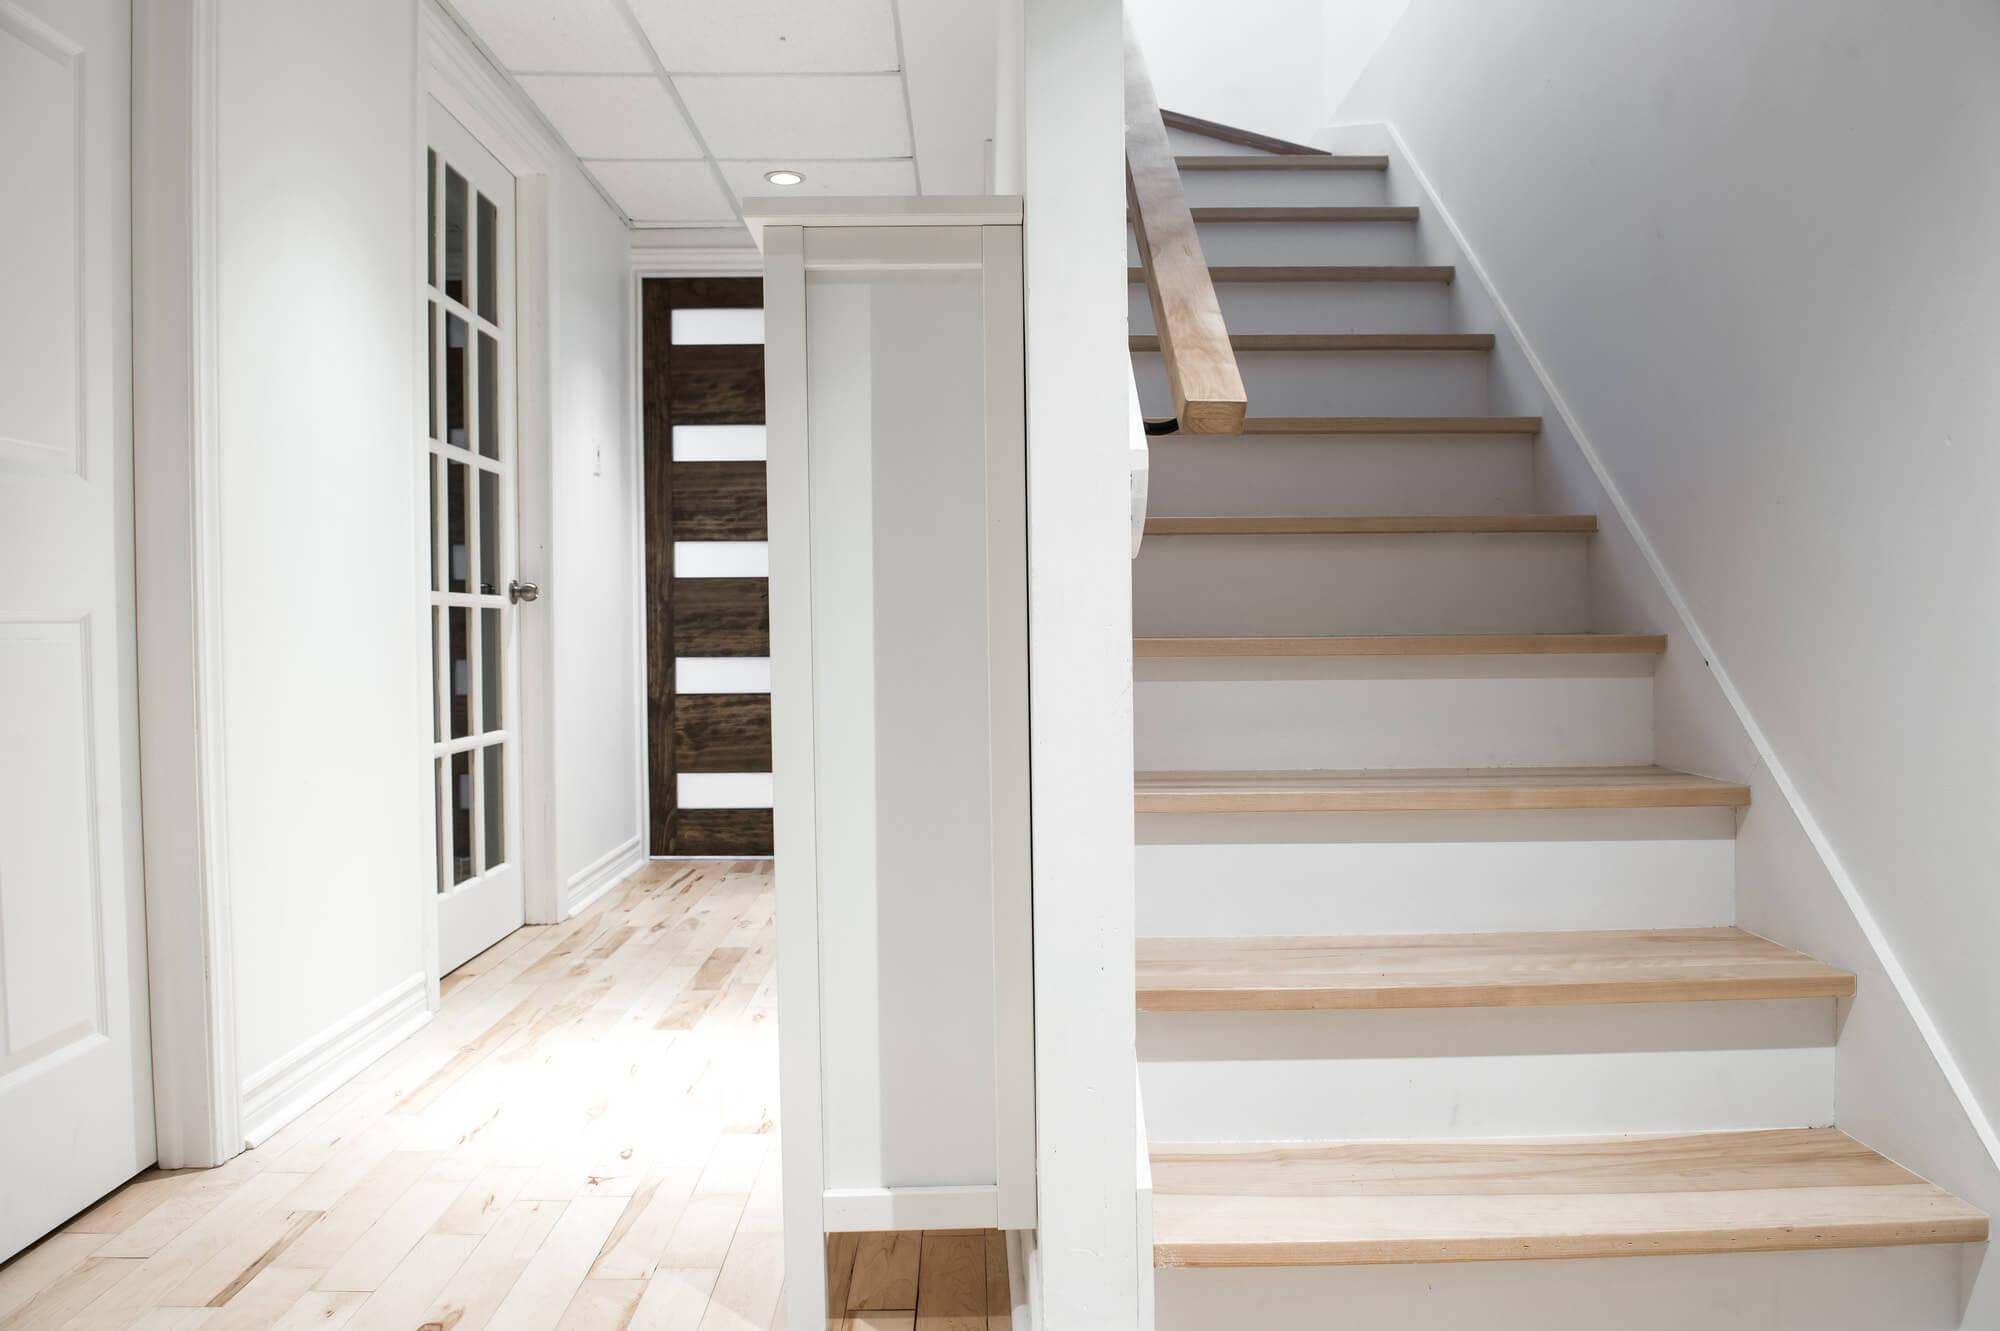 Escalier Dans Maison Ancienne exemple d'escaliers intérieurs et plancher de bois franc